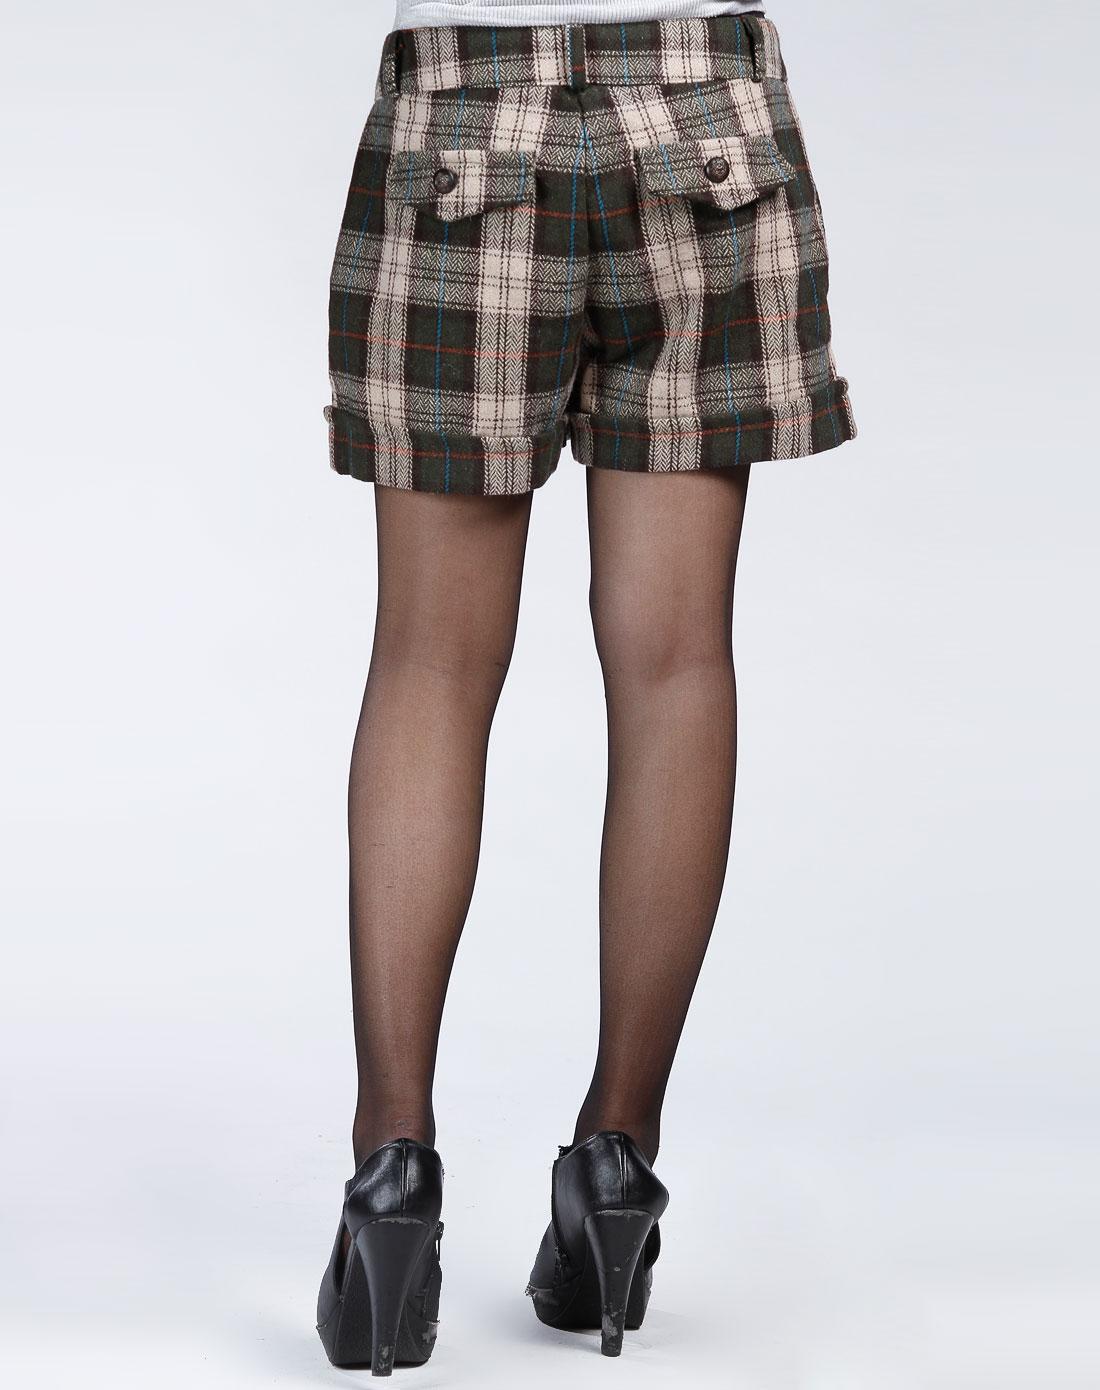 绿/卡其色格子时尚短裤